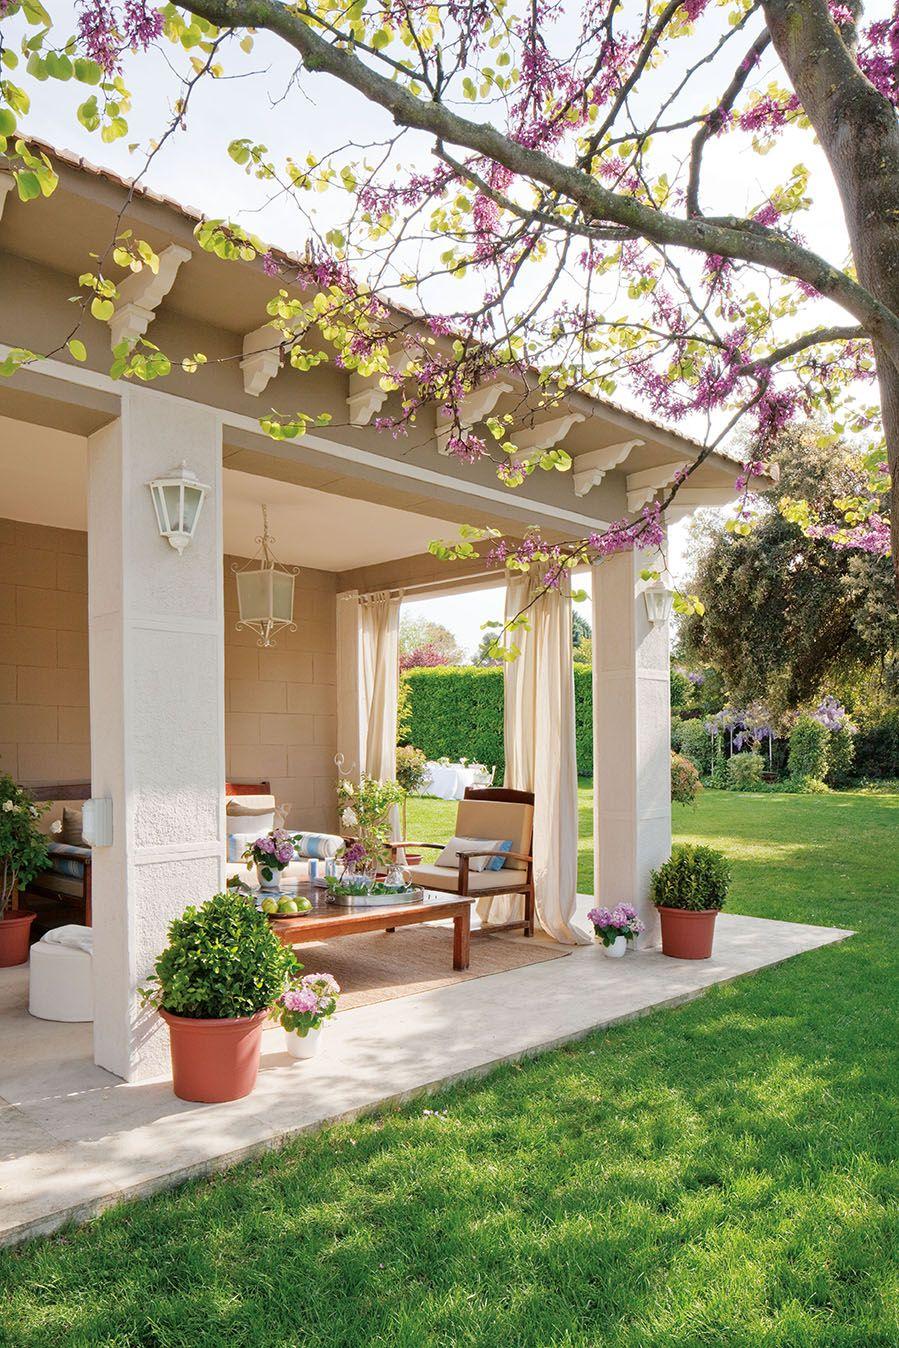 Un casa reformada llena de armon a porches jard n y - Decorar porche pequeno ...